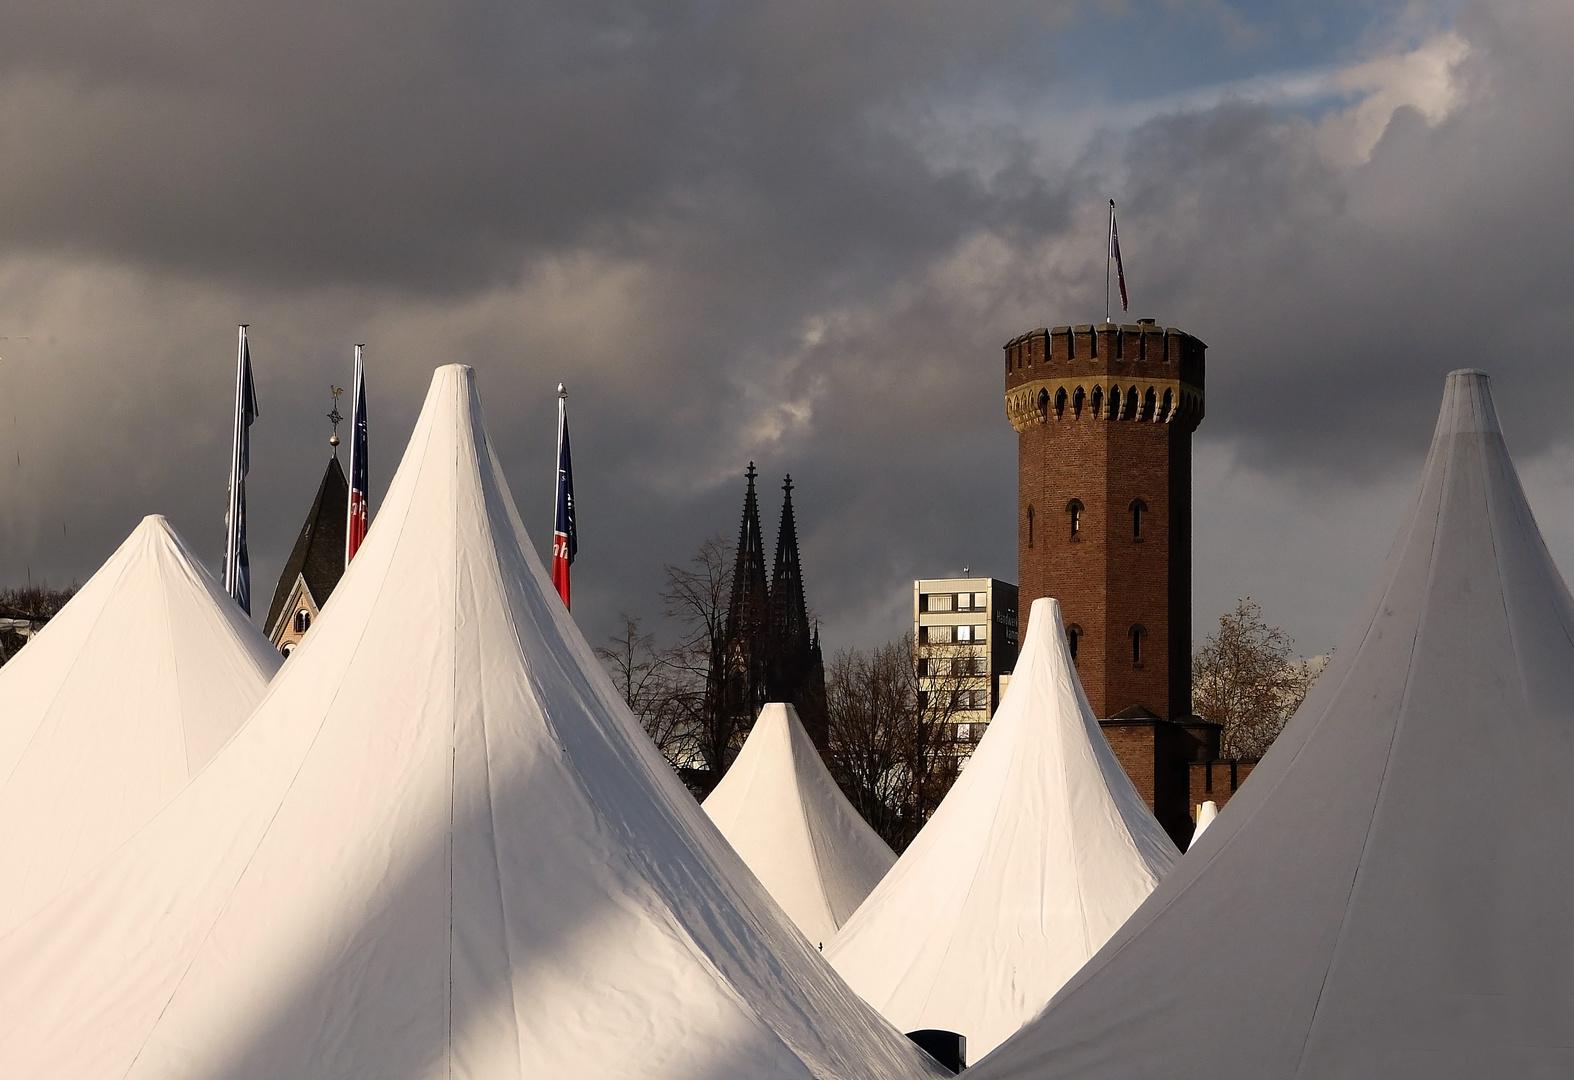 Die luftgeschwärzten Domturmspitzen - Wahrzeichen der Stadt Köln 1